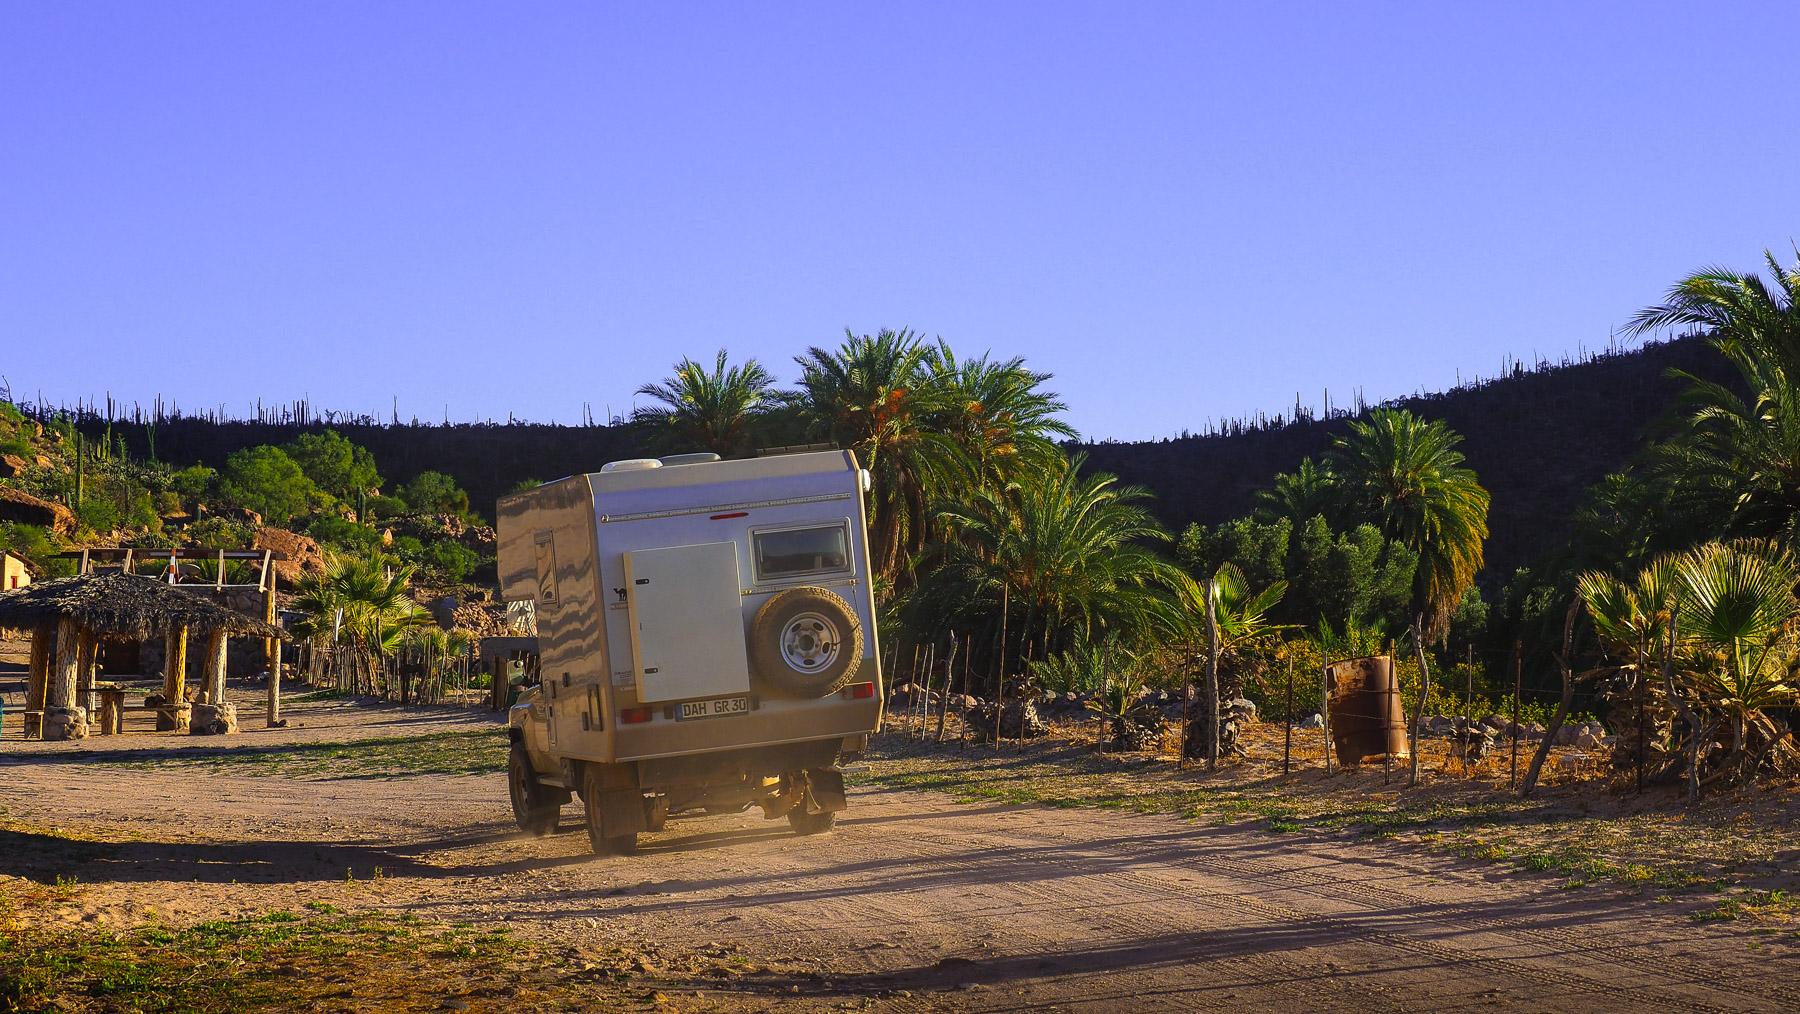 San Borja - Oase in der Wüste